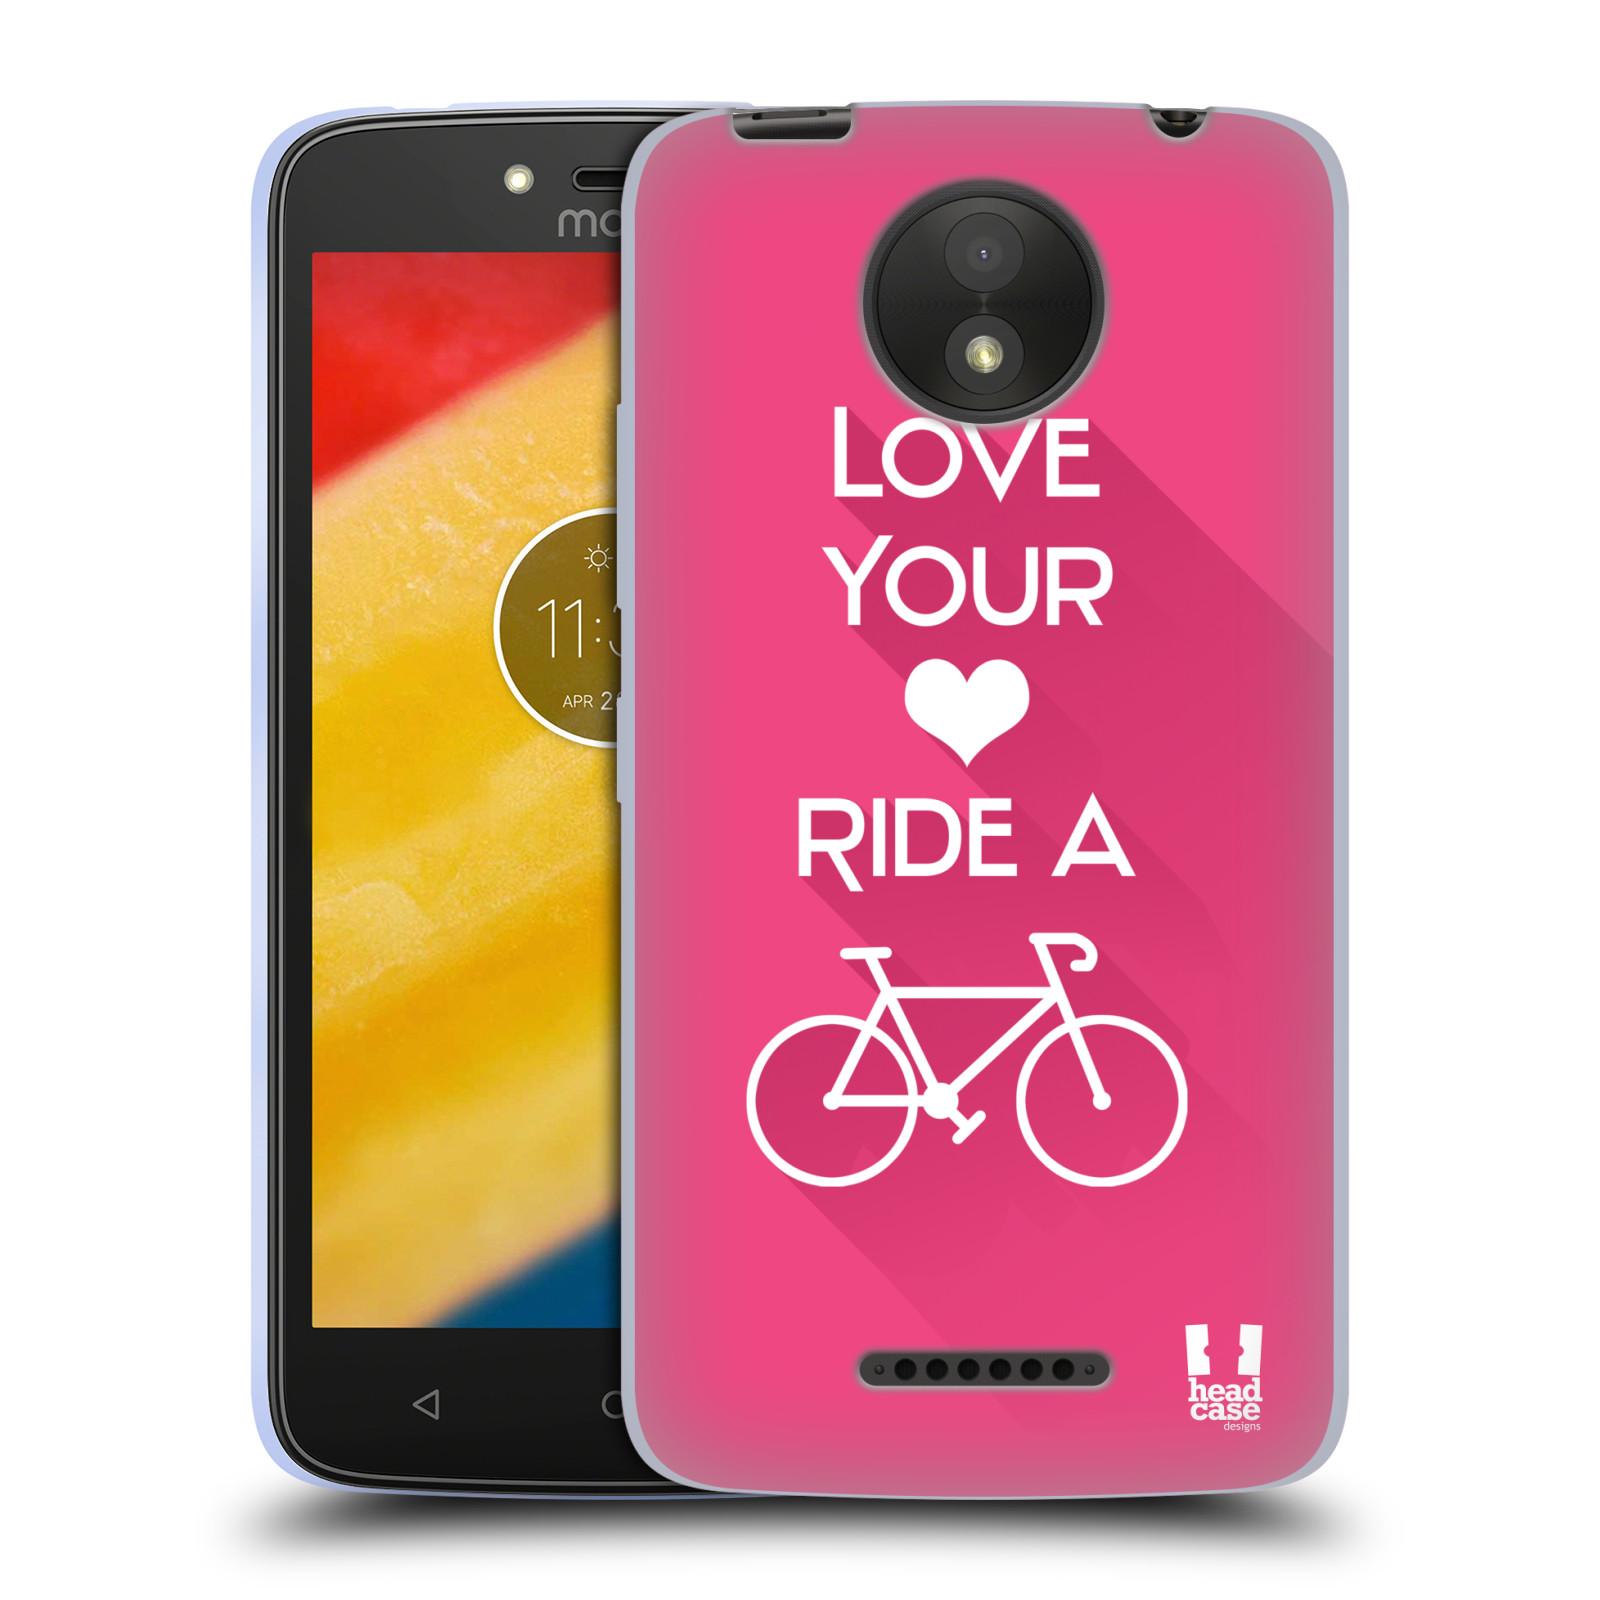 HEAD CASE silikonový obal na mobil Lenovo Moto C PLUS Cyklista růžové  pozadí kolo sport 3a6bc6ad66b